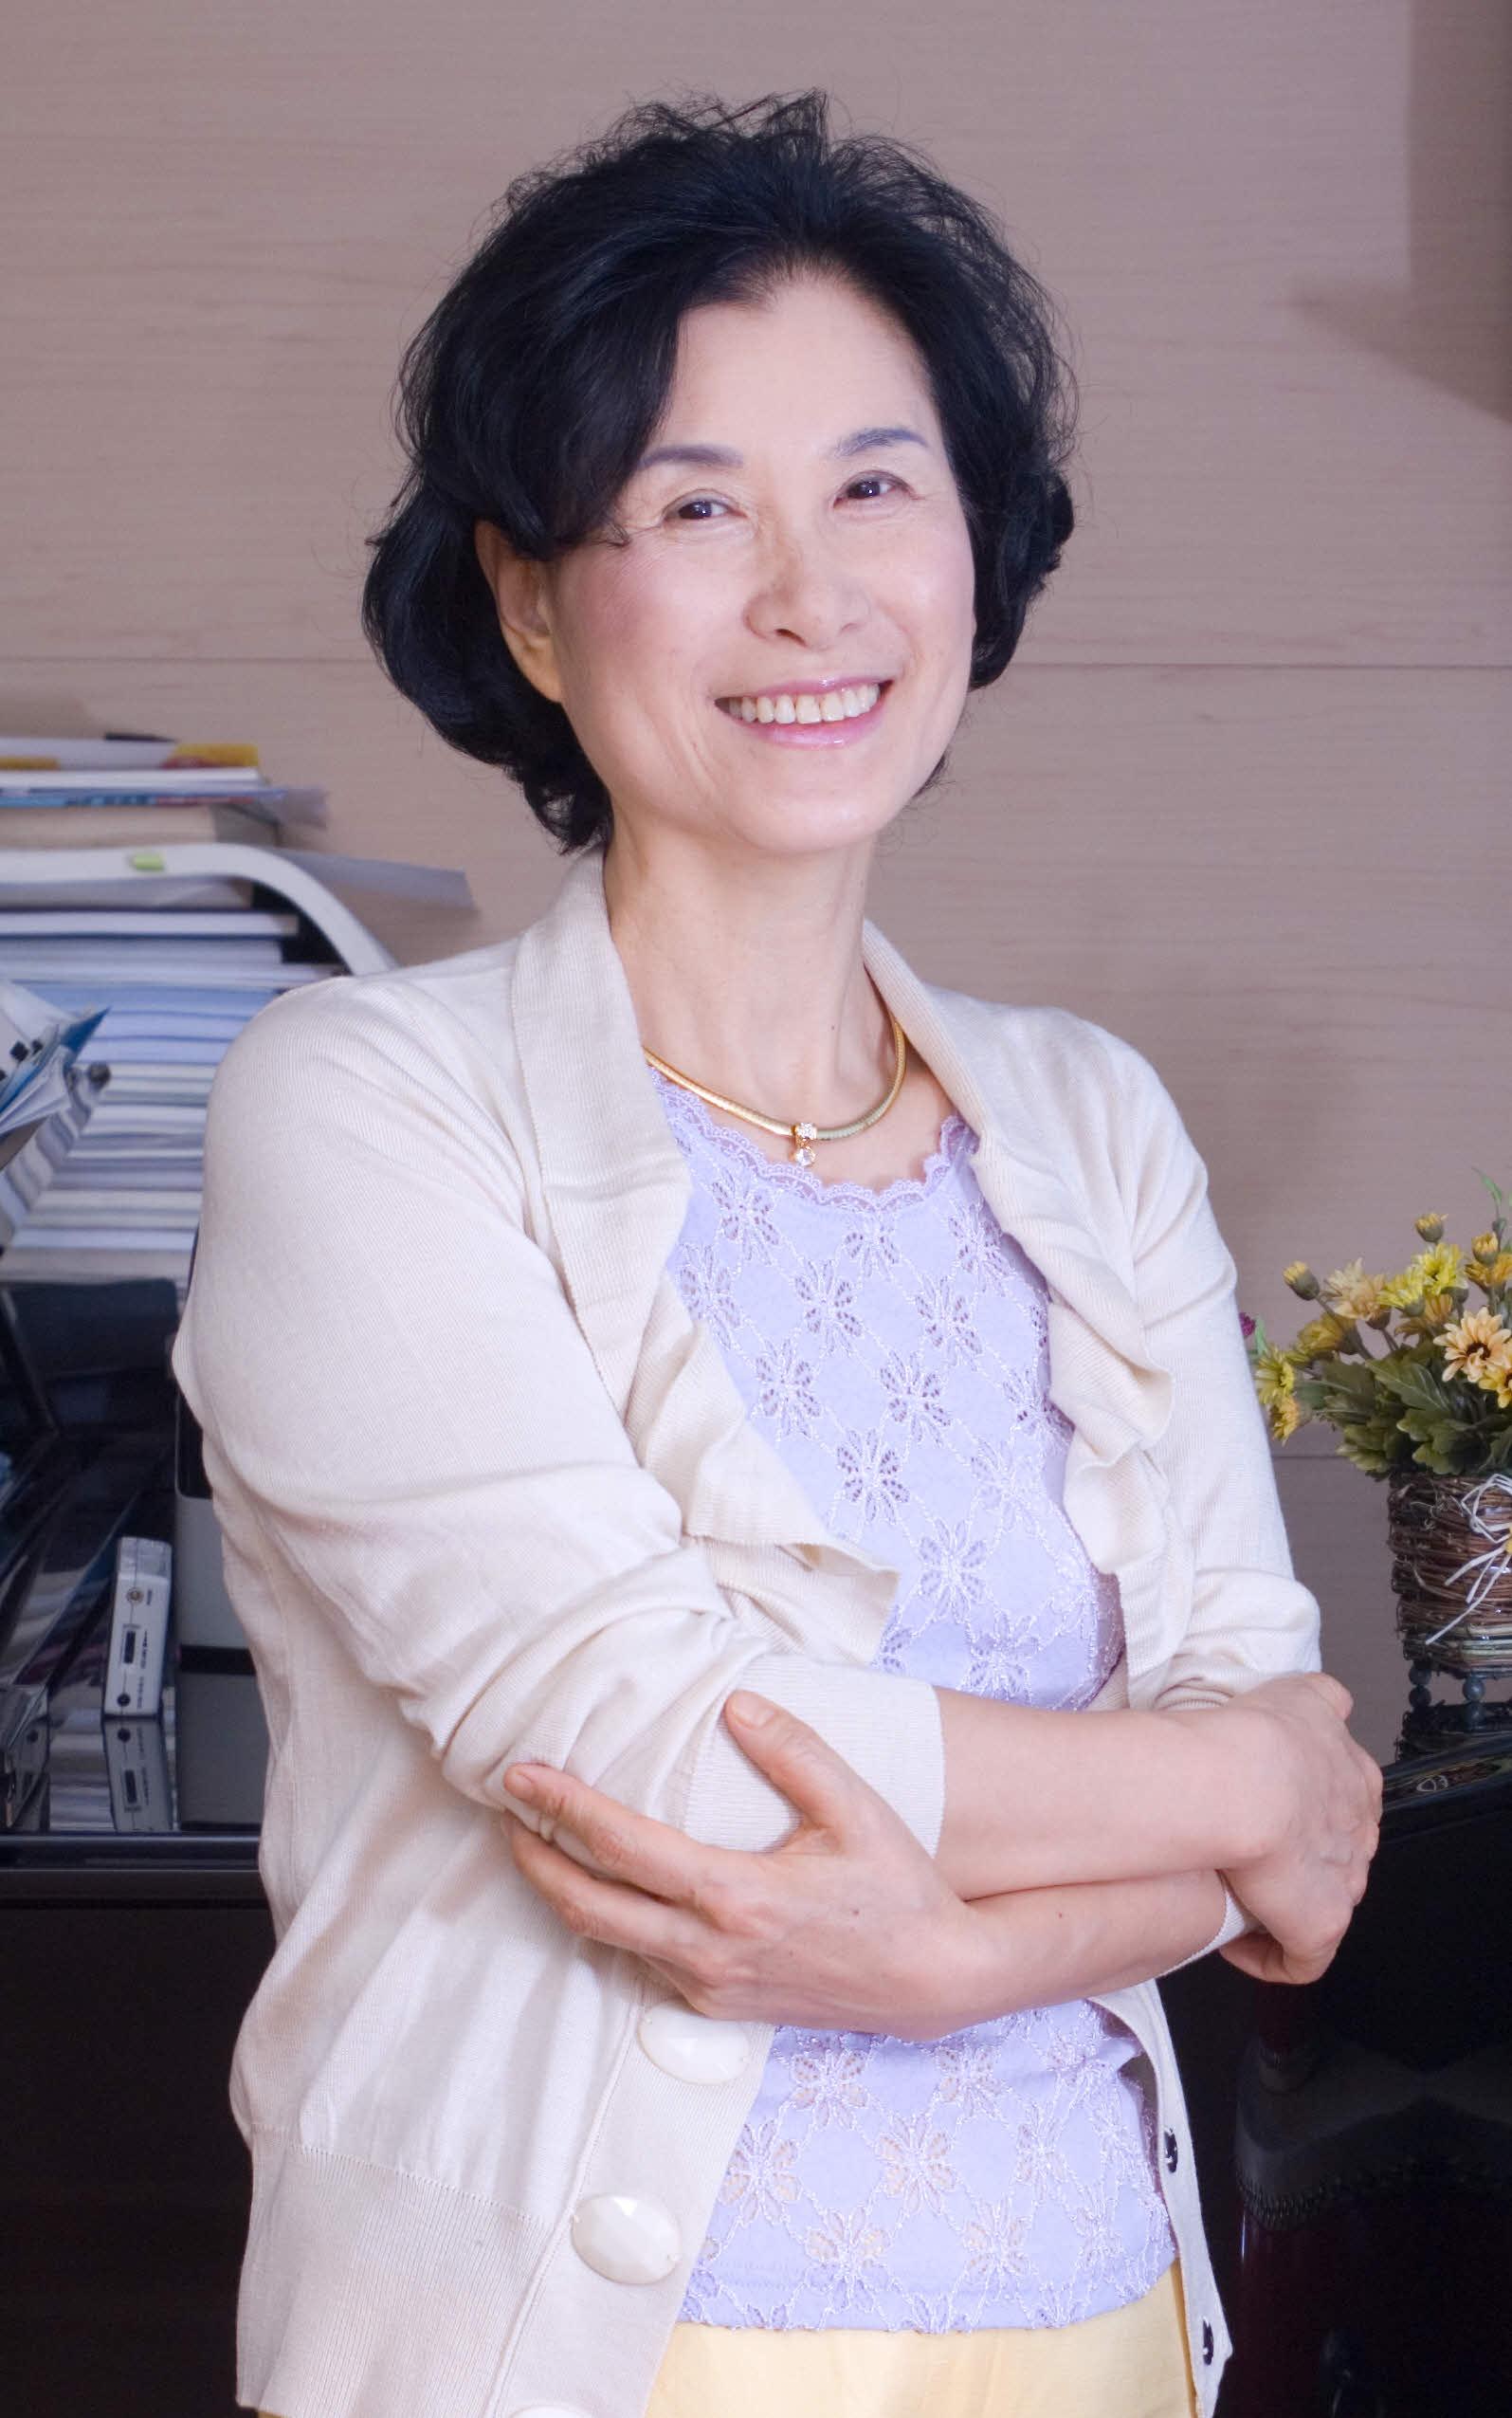 Nan Bok Lee